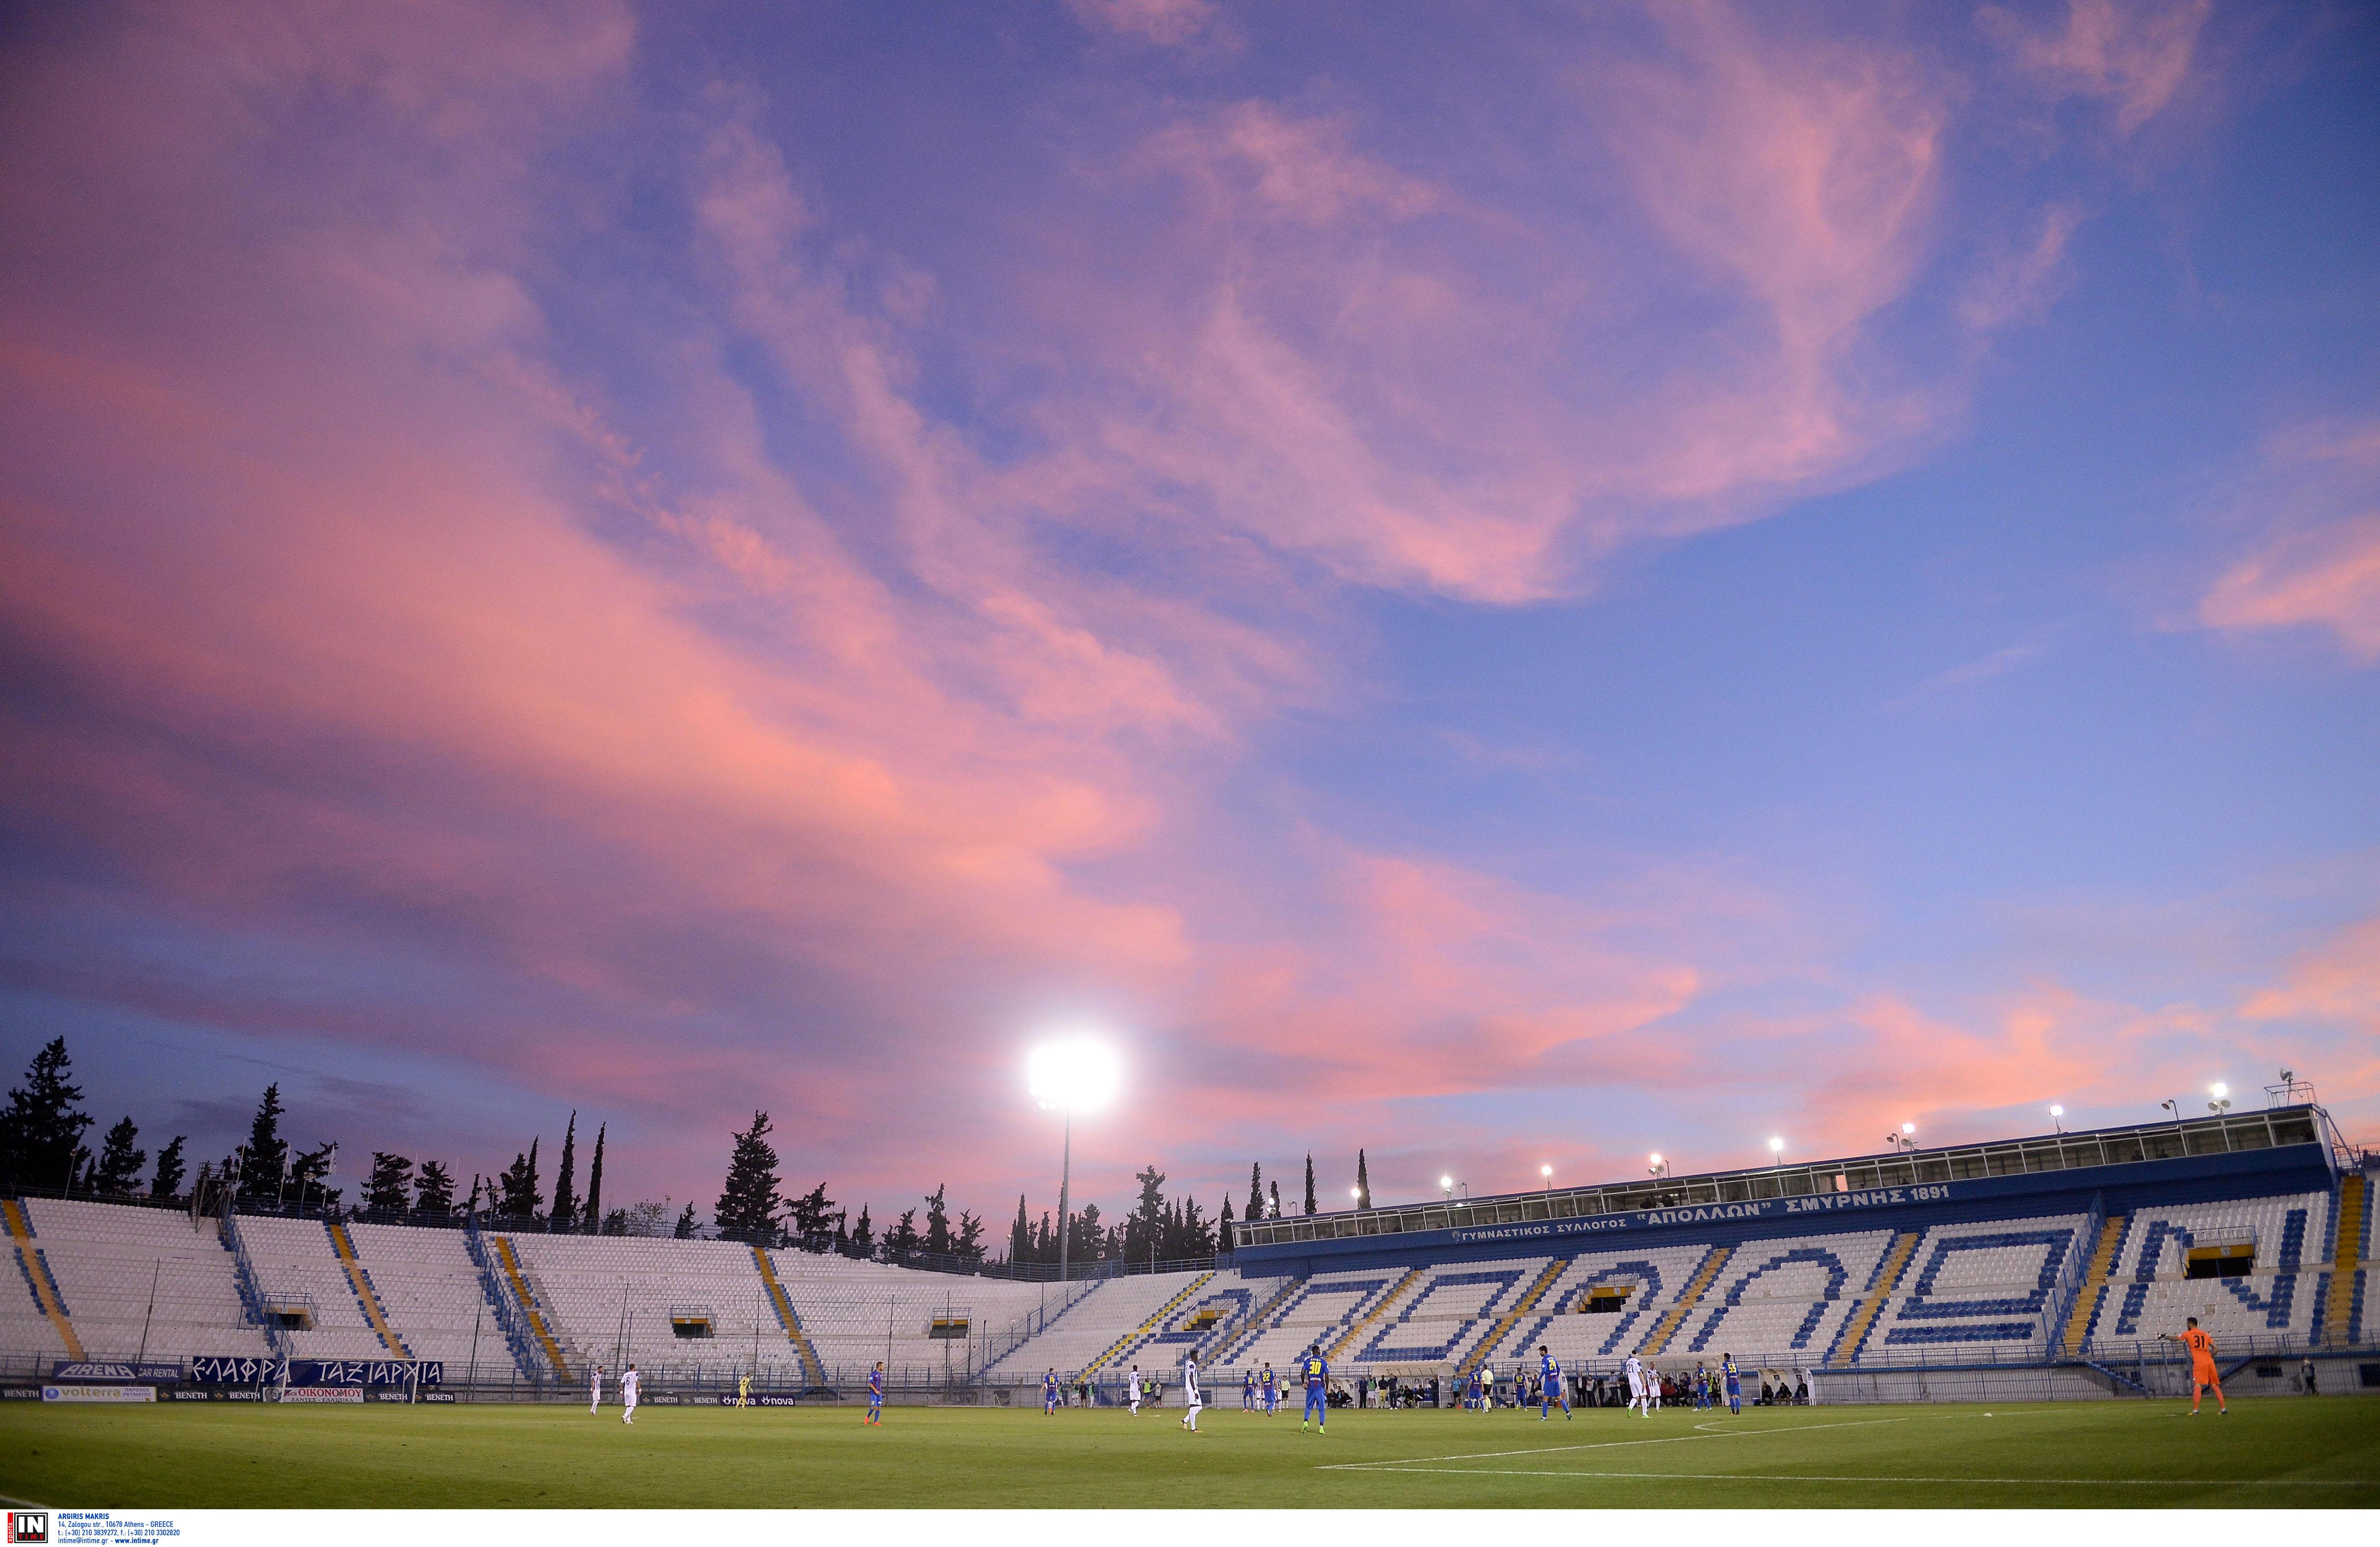 Εθνική Ελλάδας: Η ΕΠΟ ανακοίνωσε επίσημα τη Ριζούπολη ως έδρα για το ματς με τη Σλοβενία